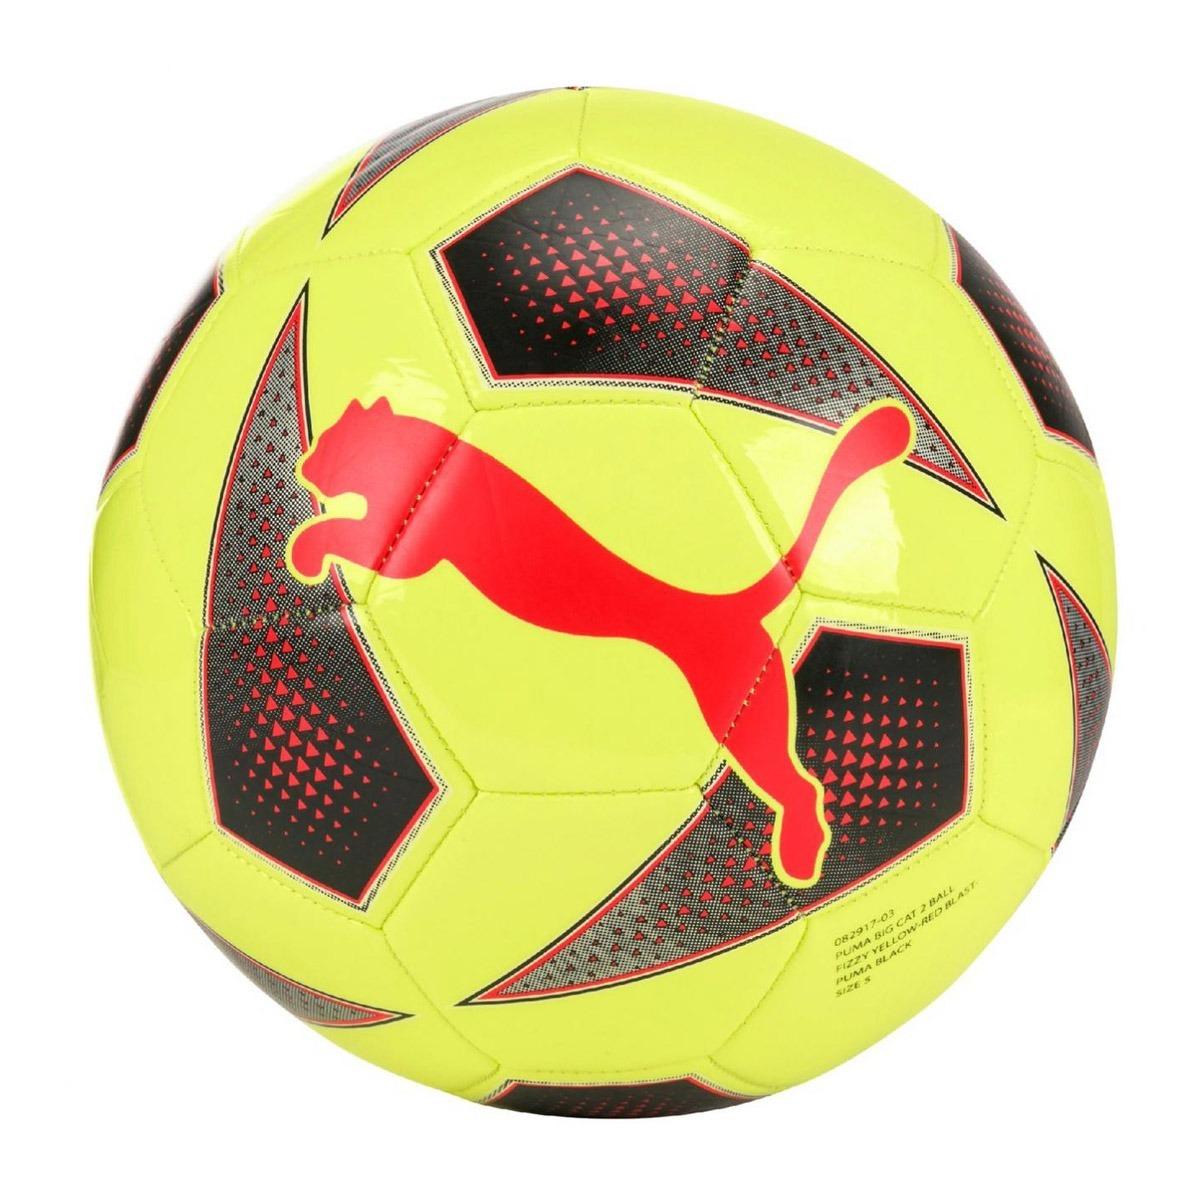 9ab7e9a89010e pelota de fútbol puma big cat 2 no.5 de cancha 11. Cargando zoom.